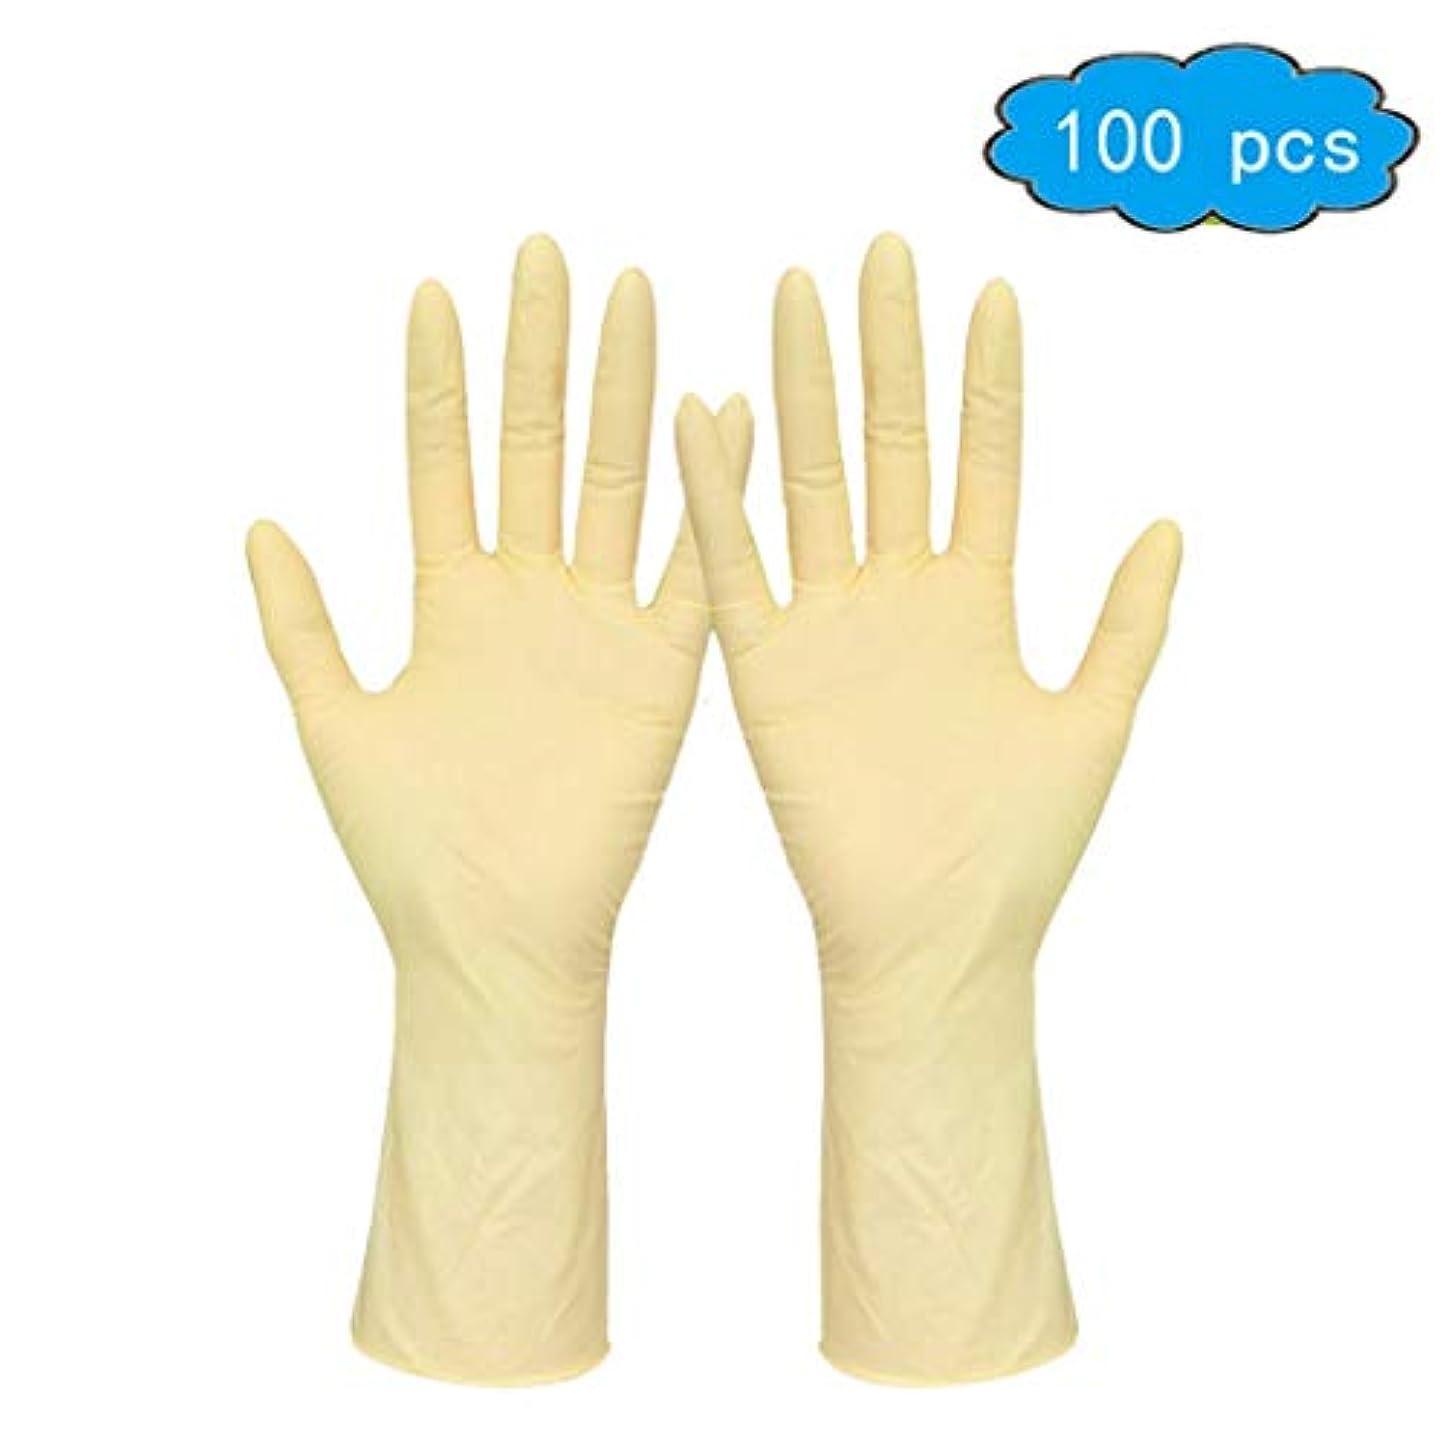 追跡ミネラル可動ラテックスグローブパウダーフリー/使い捨て食品準備調理用グローブ/キッチンフードサービスクリーニンググローブ(大)100手袋、非滅菌使い捨て安全手袋 (Color : Beige, Size : S)